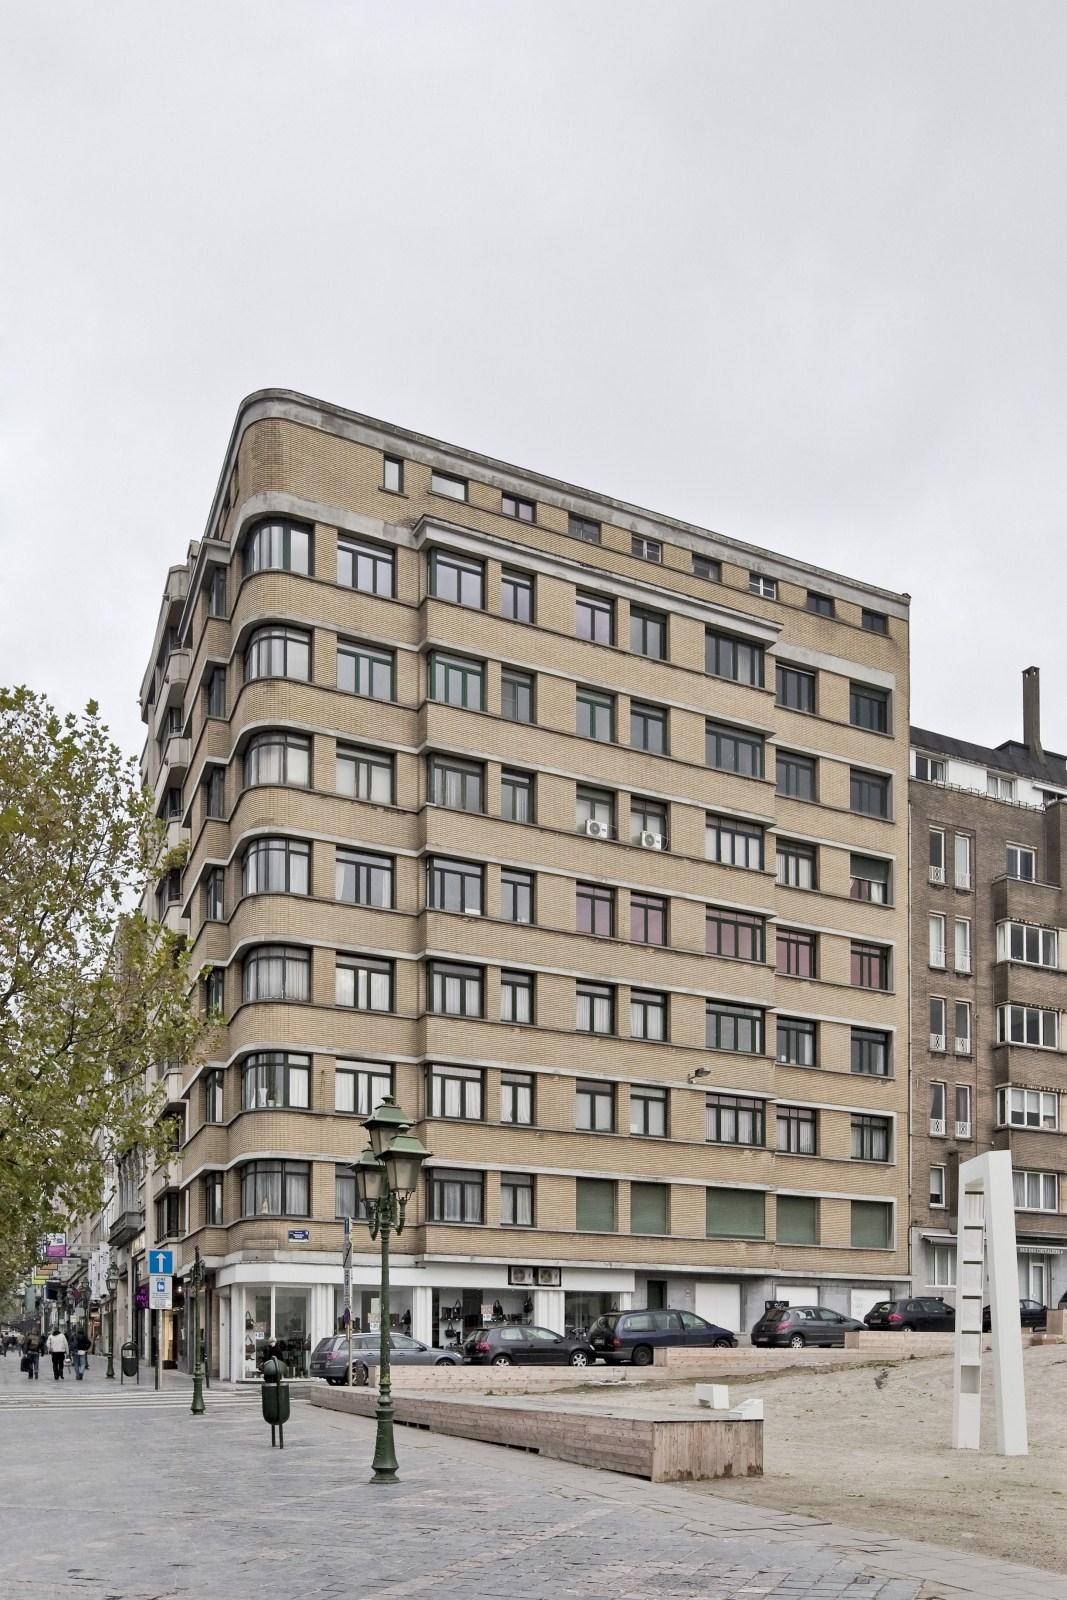 Avenue de la Toison d'Or 24 – rue des Chevaliers 2.© 2009 © bepictures / BRUNETTA V. – EBERLIN M.